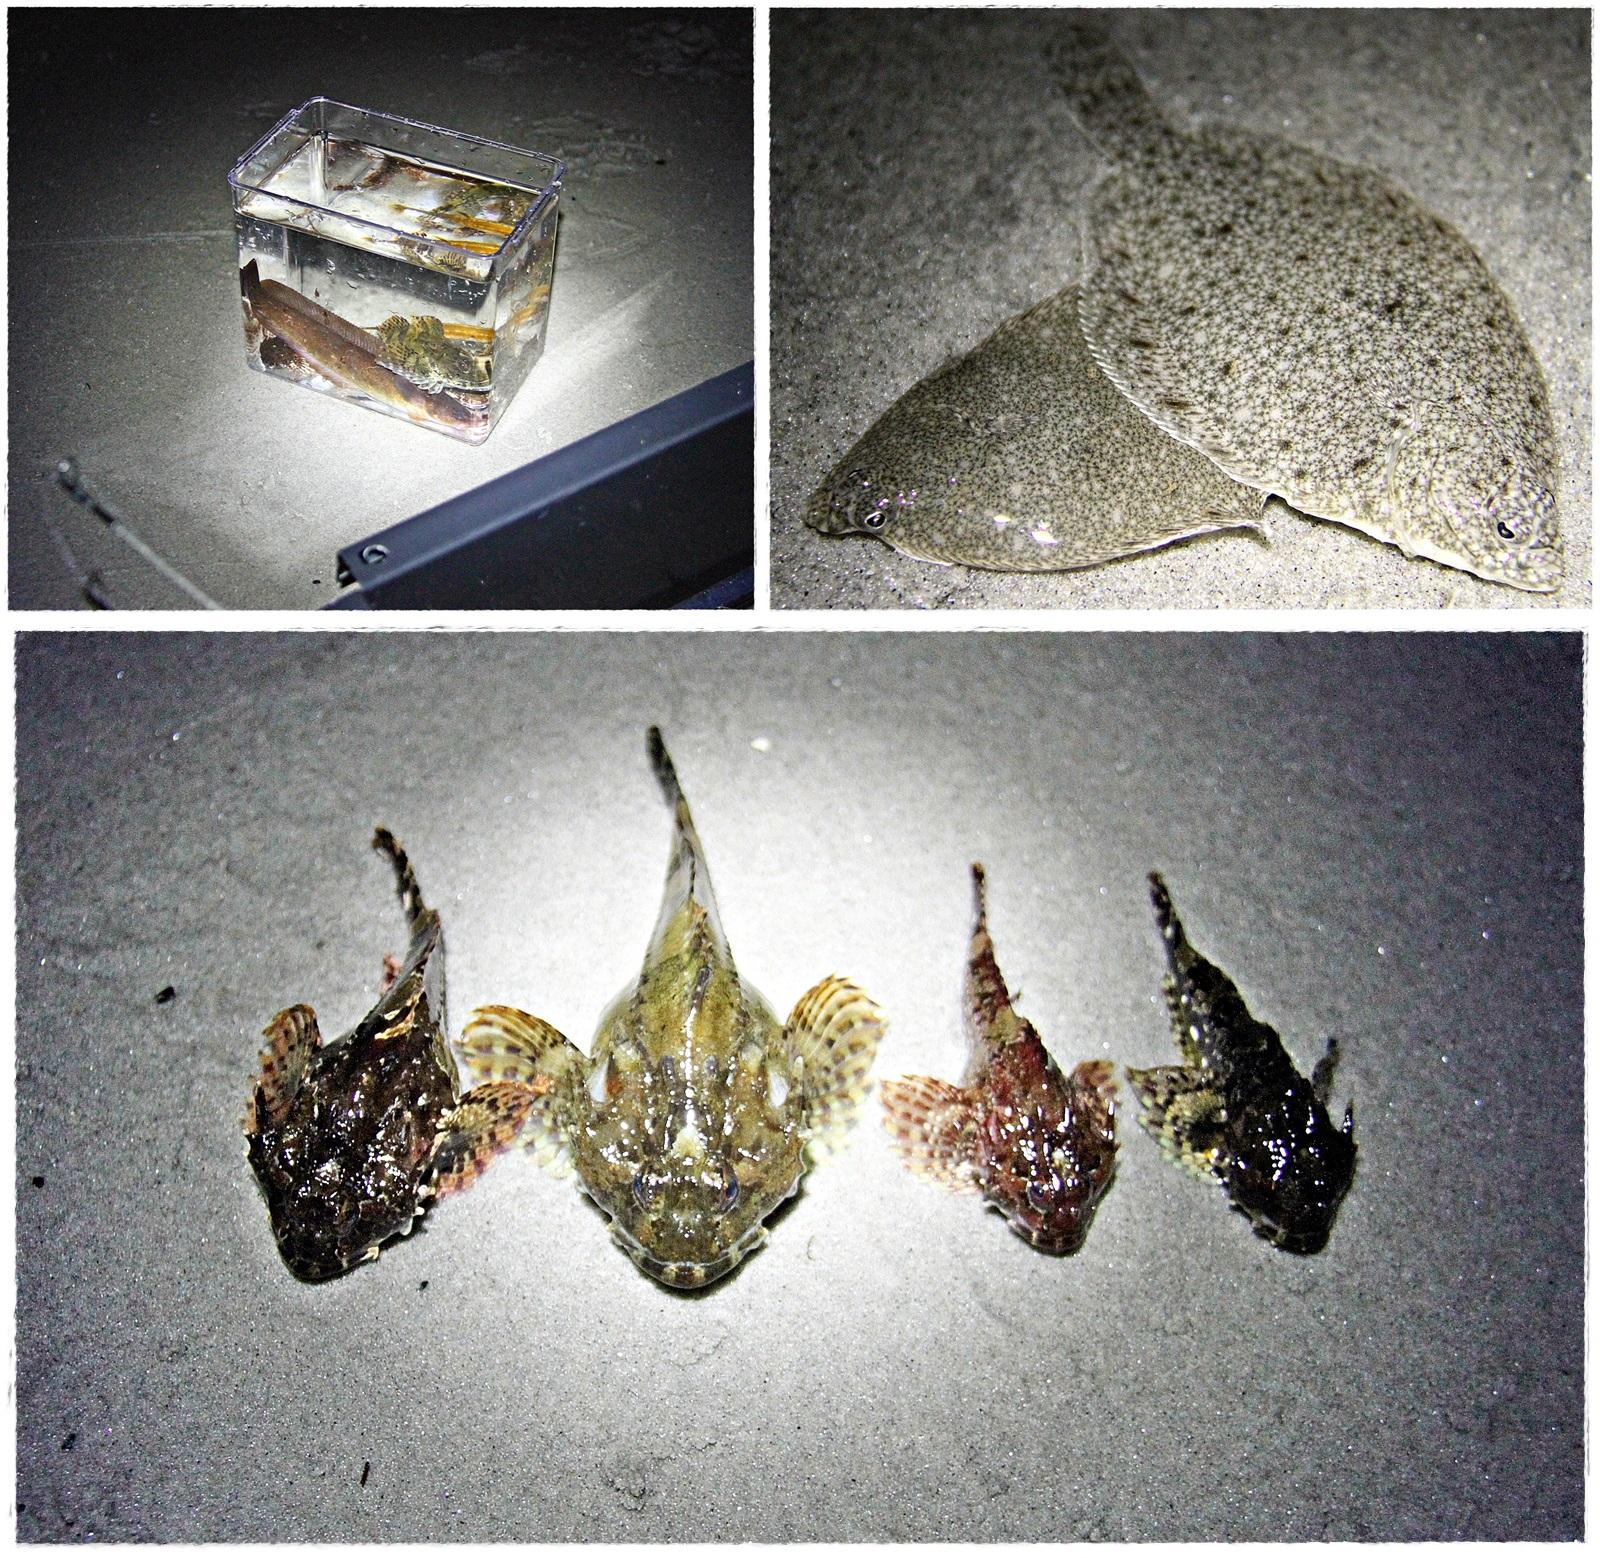 tangbrosme, tangstikling, flyndrer, vanlig og dvergulke var noen av artene denne natten i mars